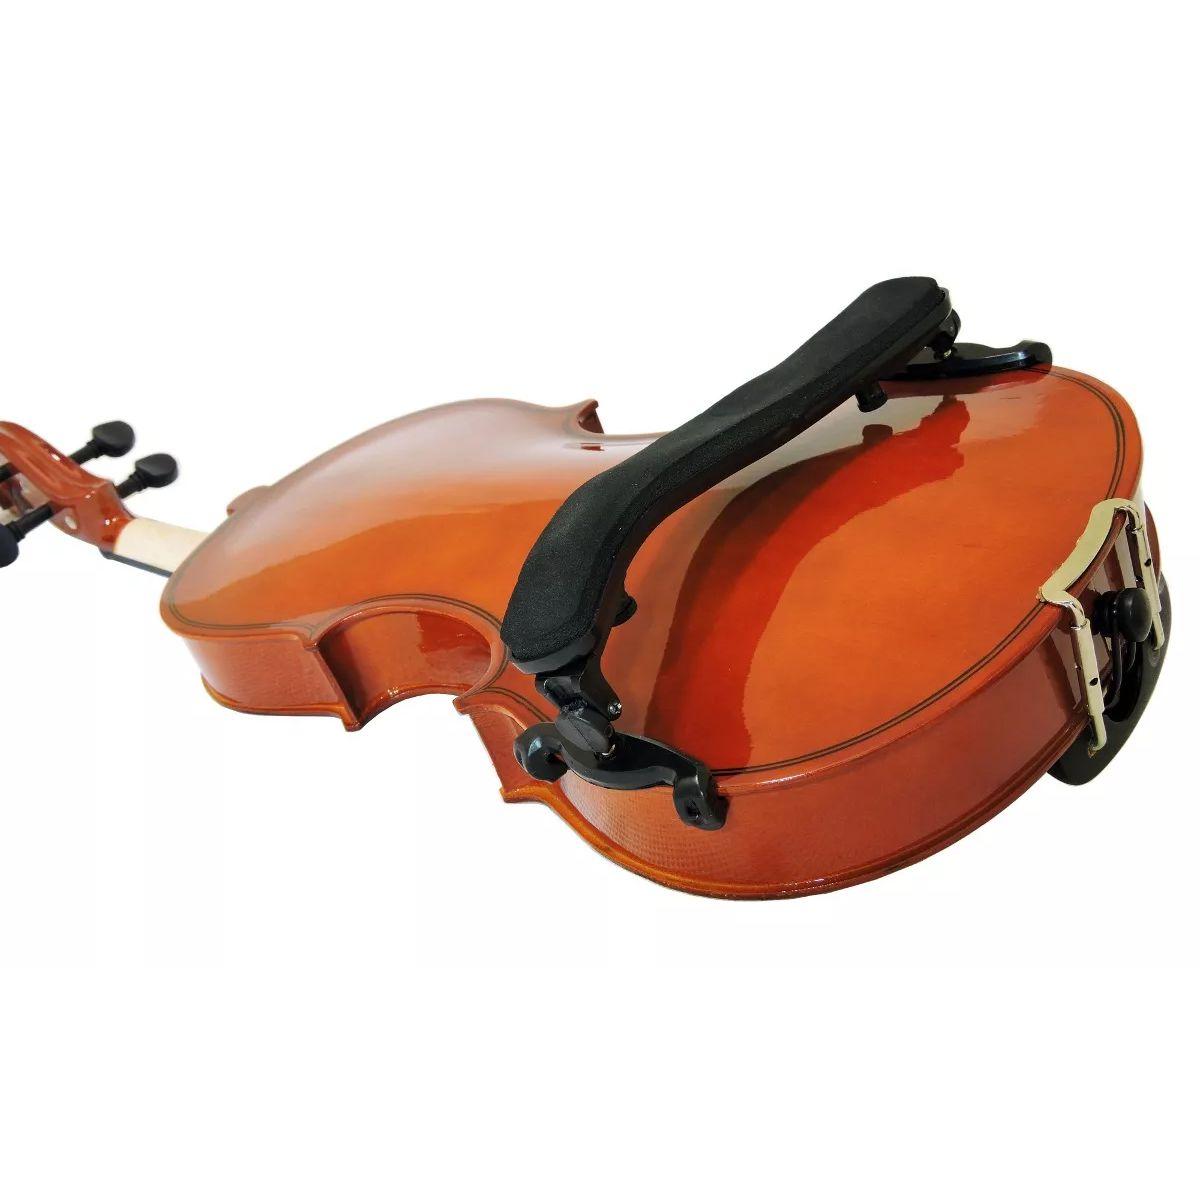 Espaleira MARINOS Violino 3/4 e 4/4 Regulável MEA-056 ABS Preto